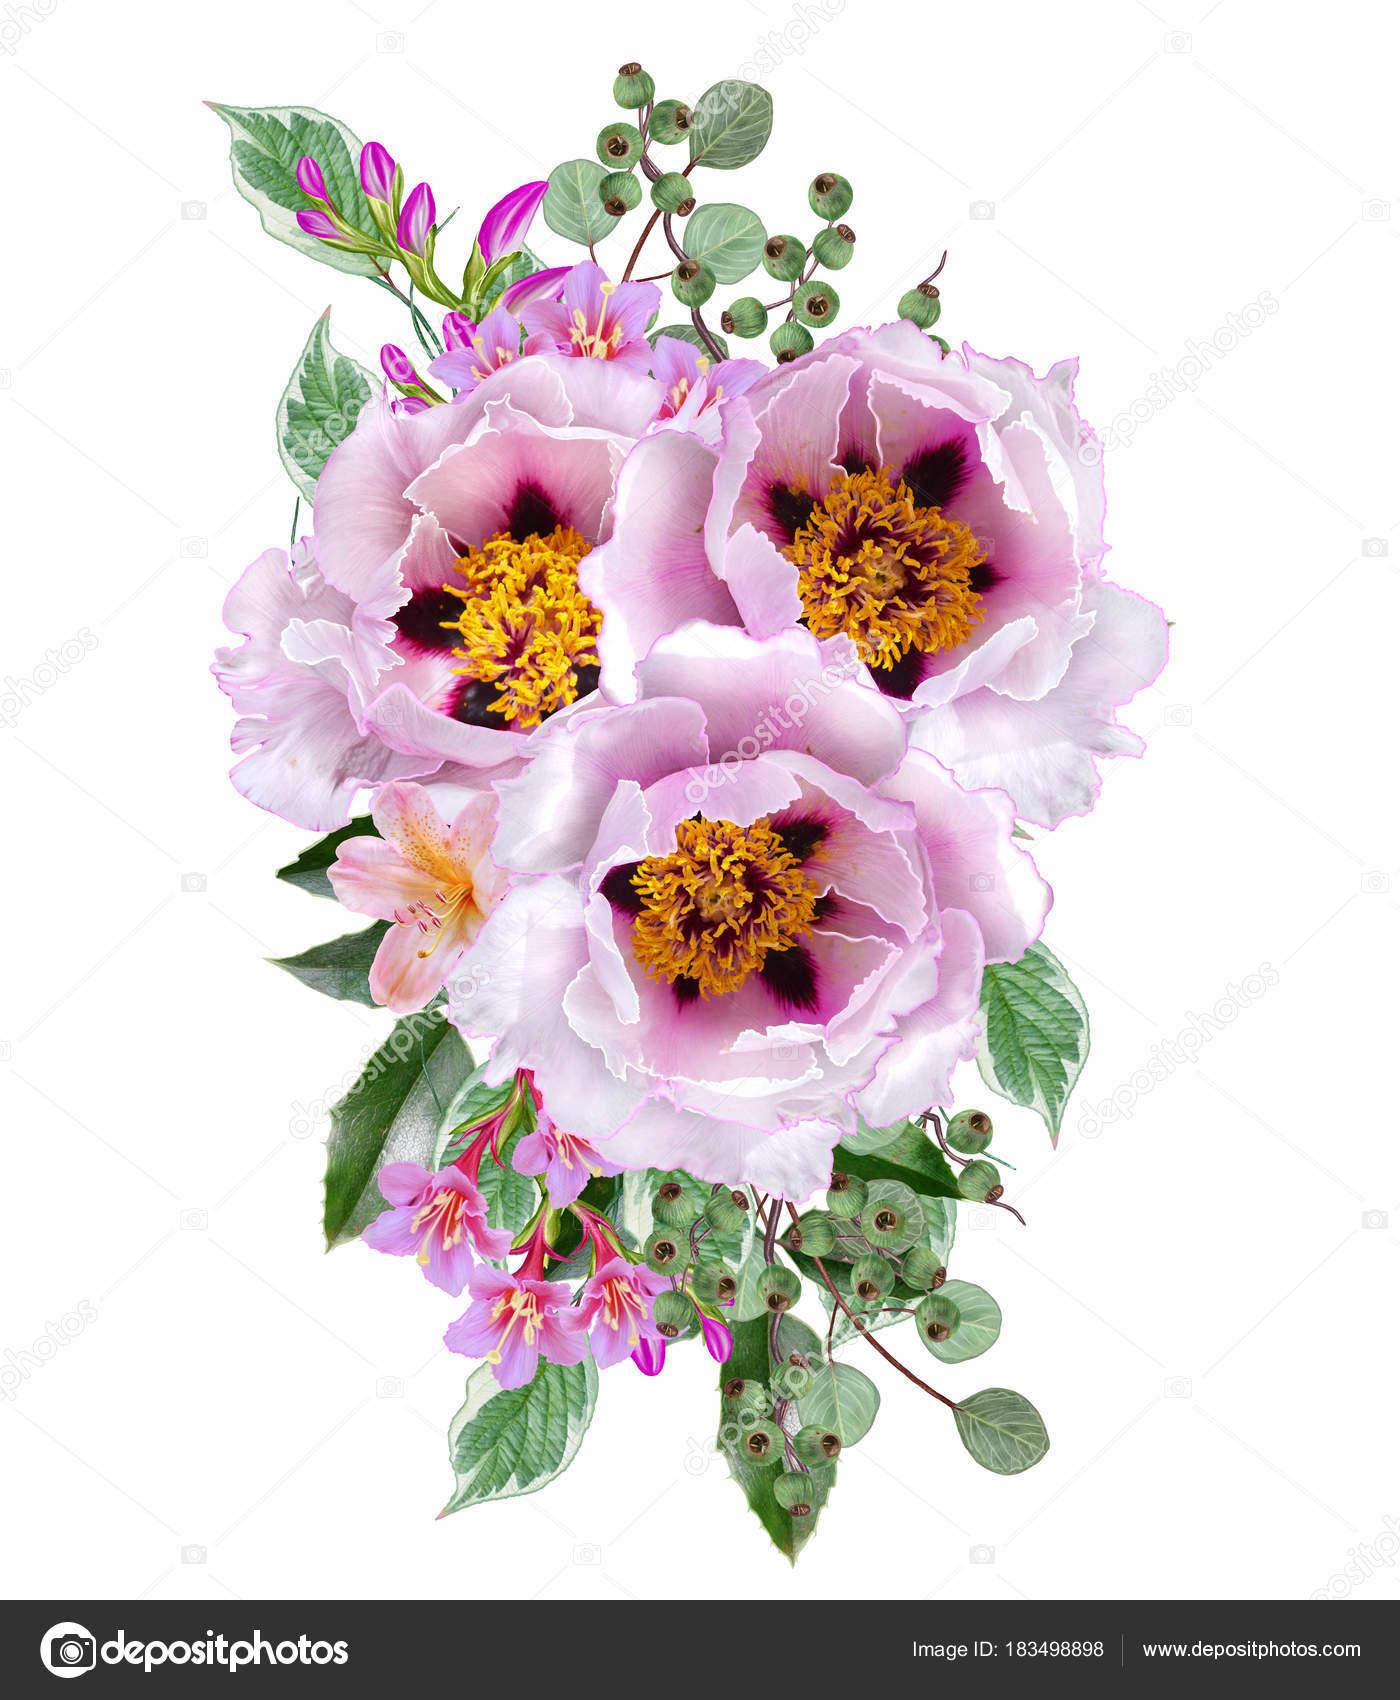 Открытка с благодарностью цветы и ягоды в букете 21